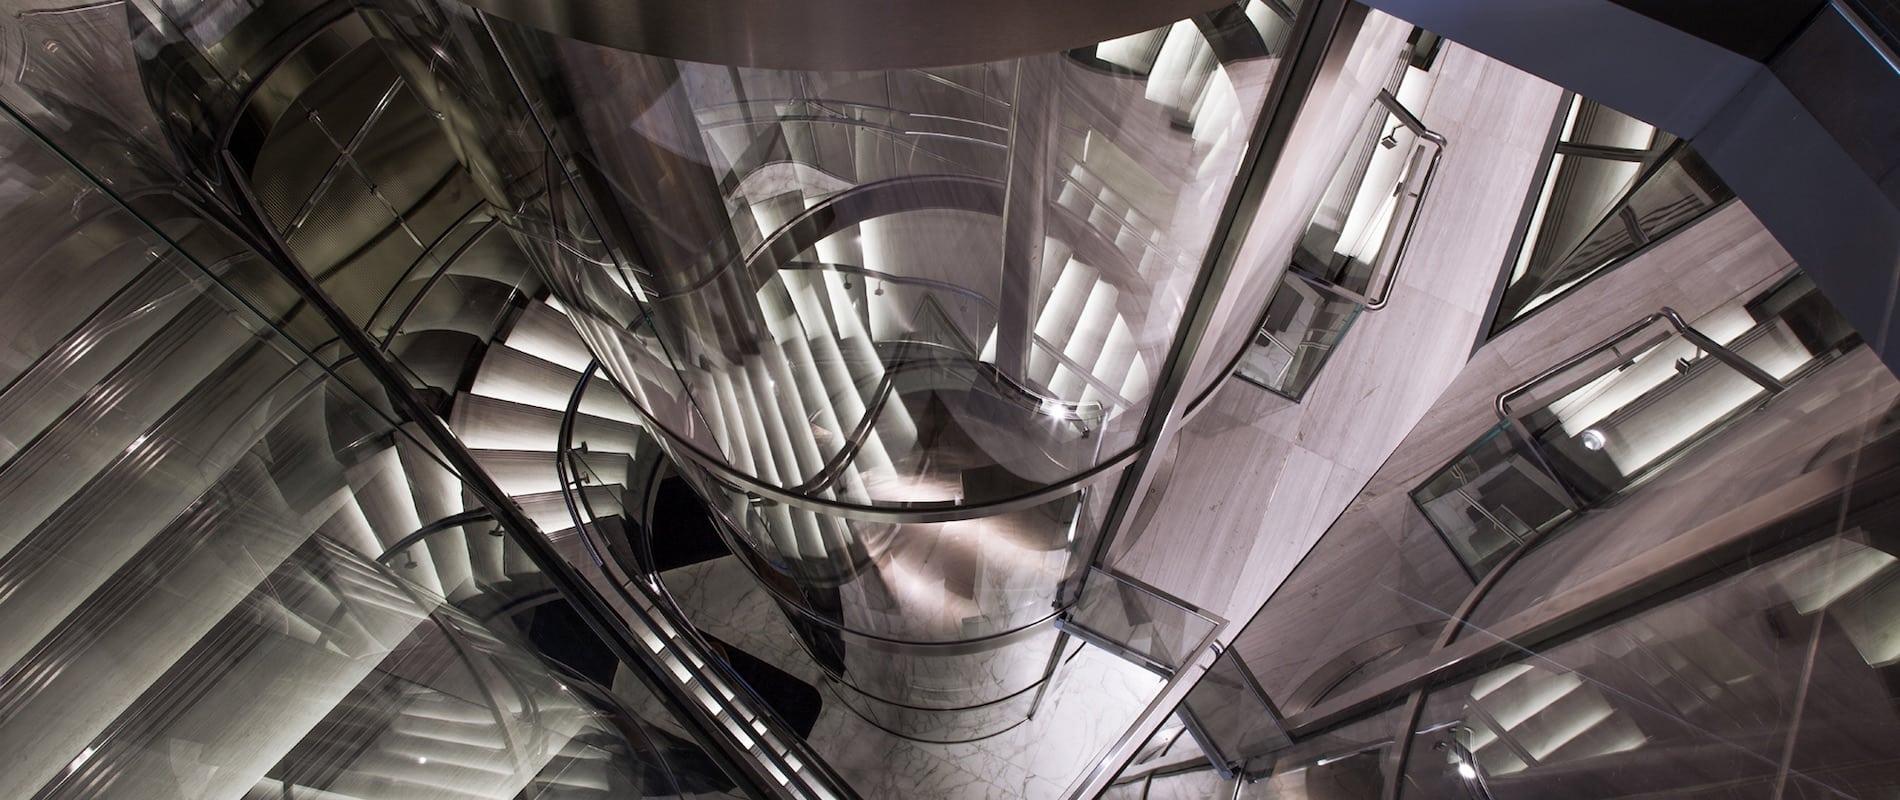 Aufzugsschacht für Glasaufzüge